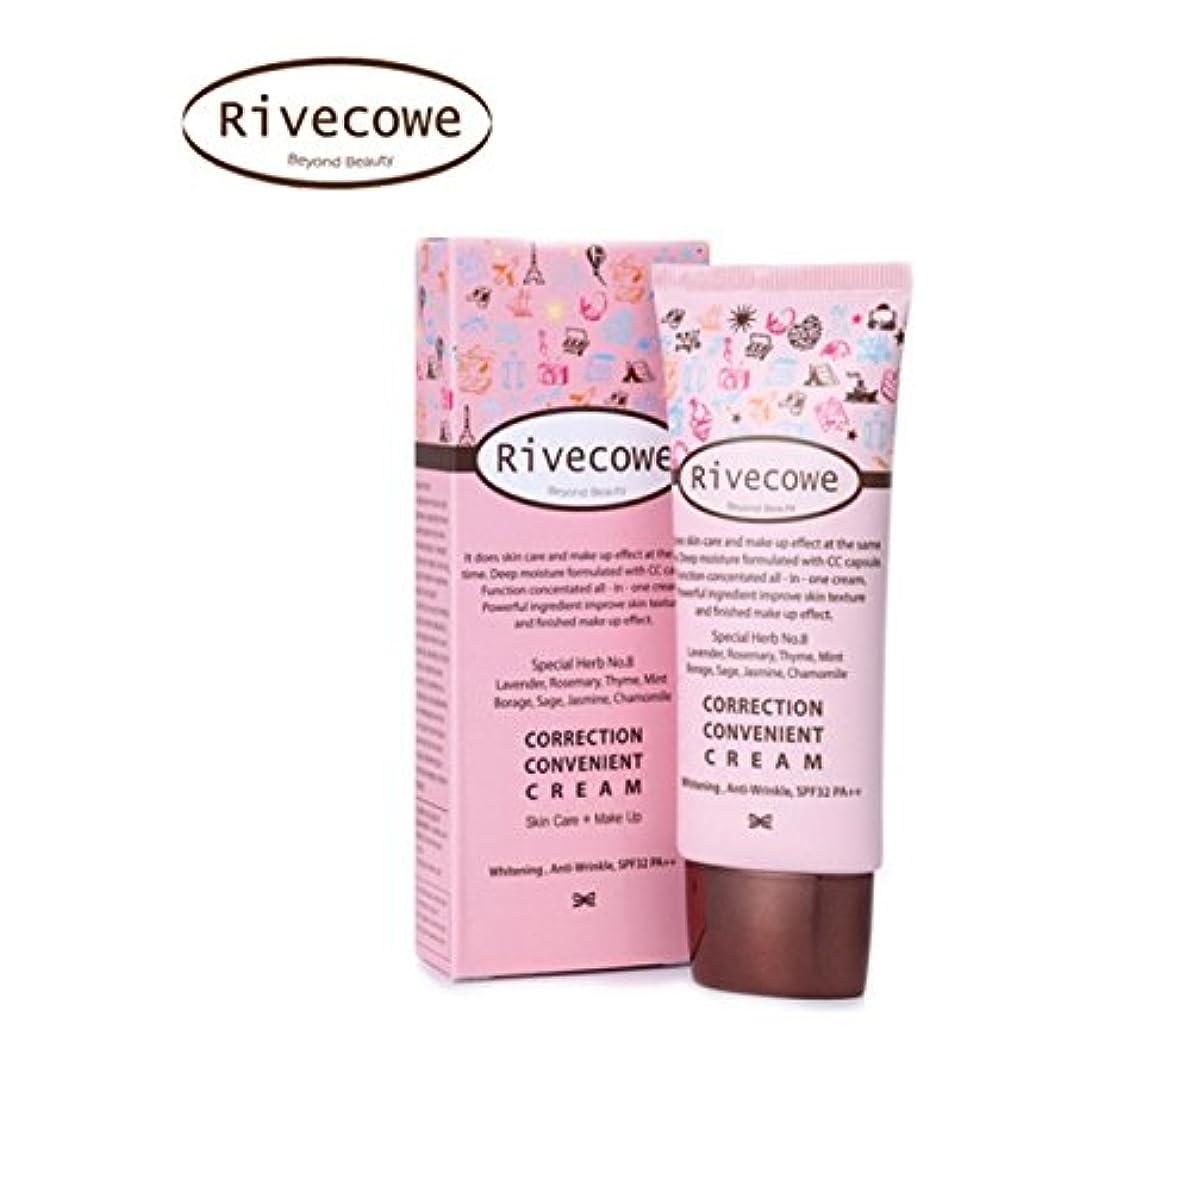 同等の相反するストレスリヴコイ [韓国コスメ Rivecowe] CC クリーム (SPF32,PA++) 40ml(BB Skin Care+Makeup Foundation)/w Gift Sample [並行輸入品]